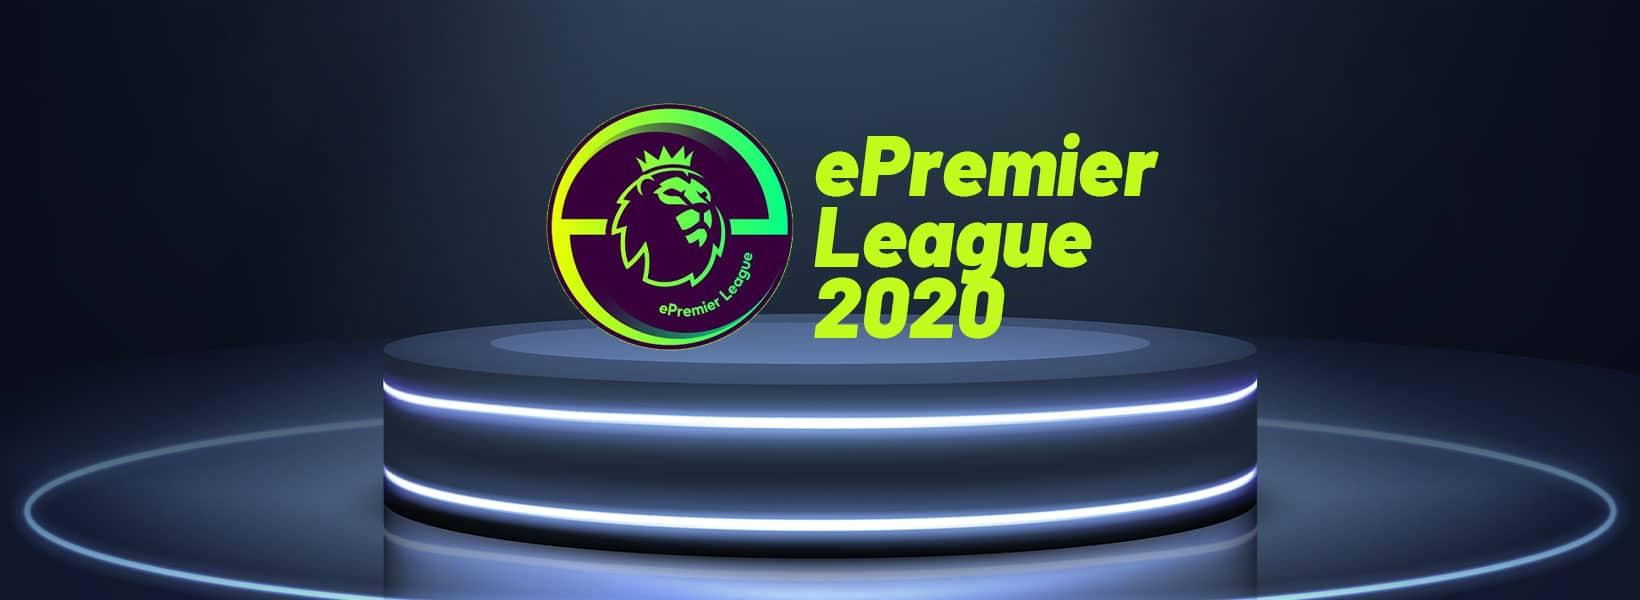 epremier league 2020 online